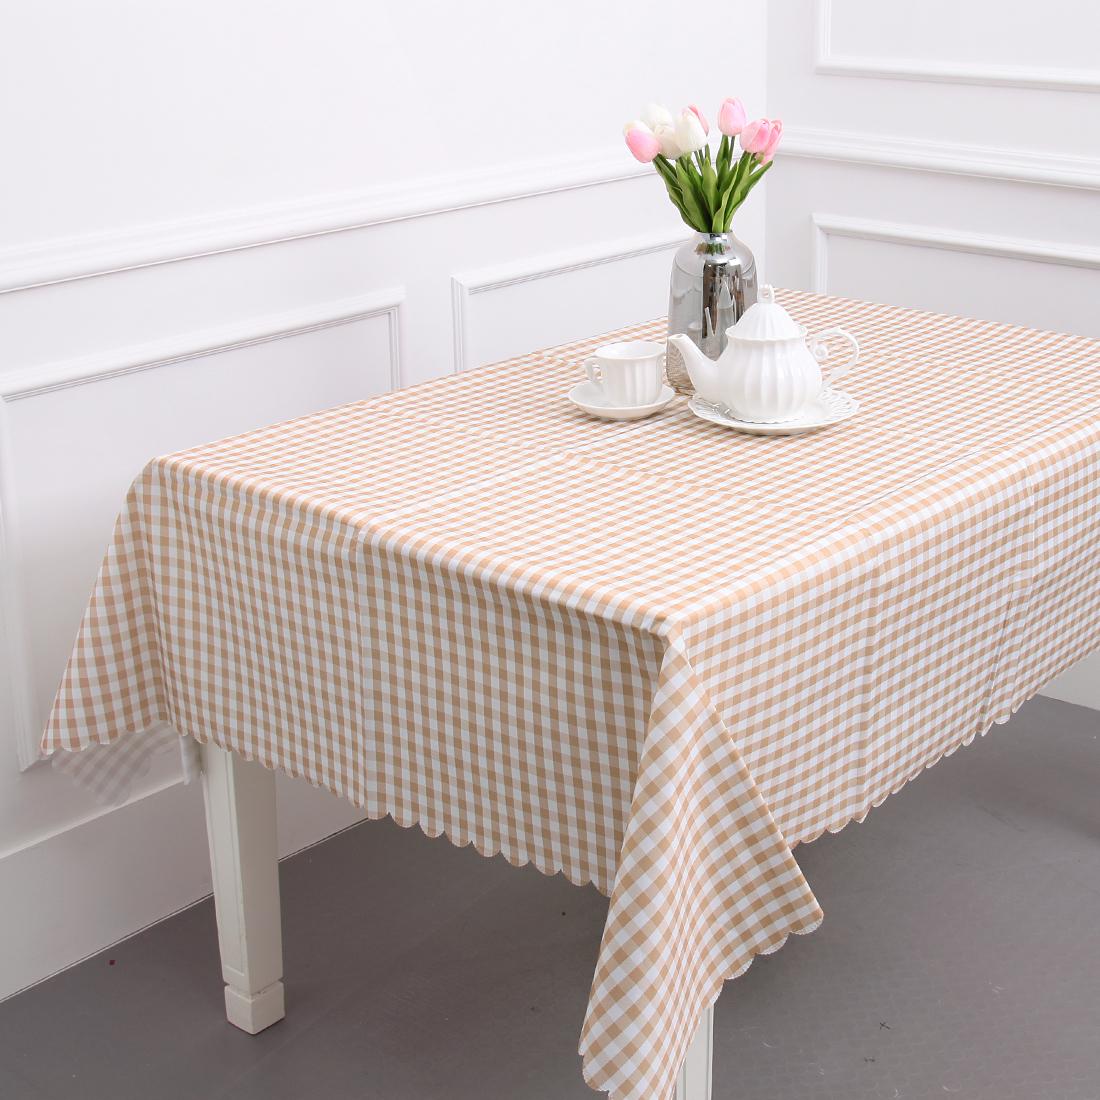 에스엠파티 4인용 방수 식탁보 + 더스트백, 브라운 체크, 183 x 147 cm